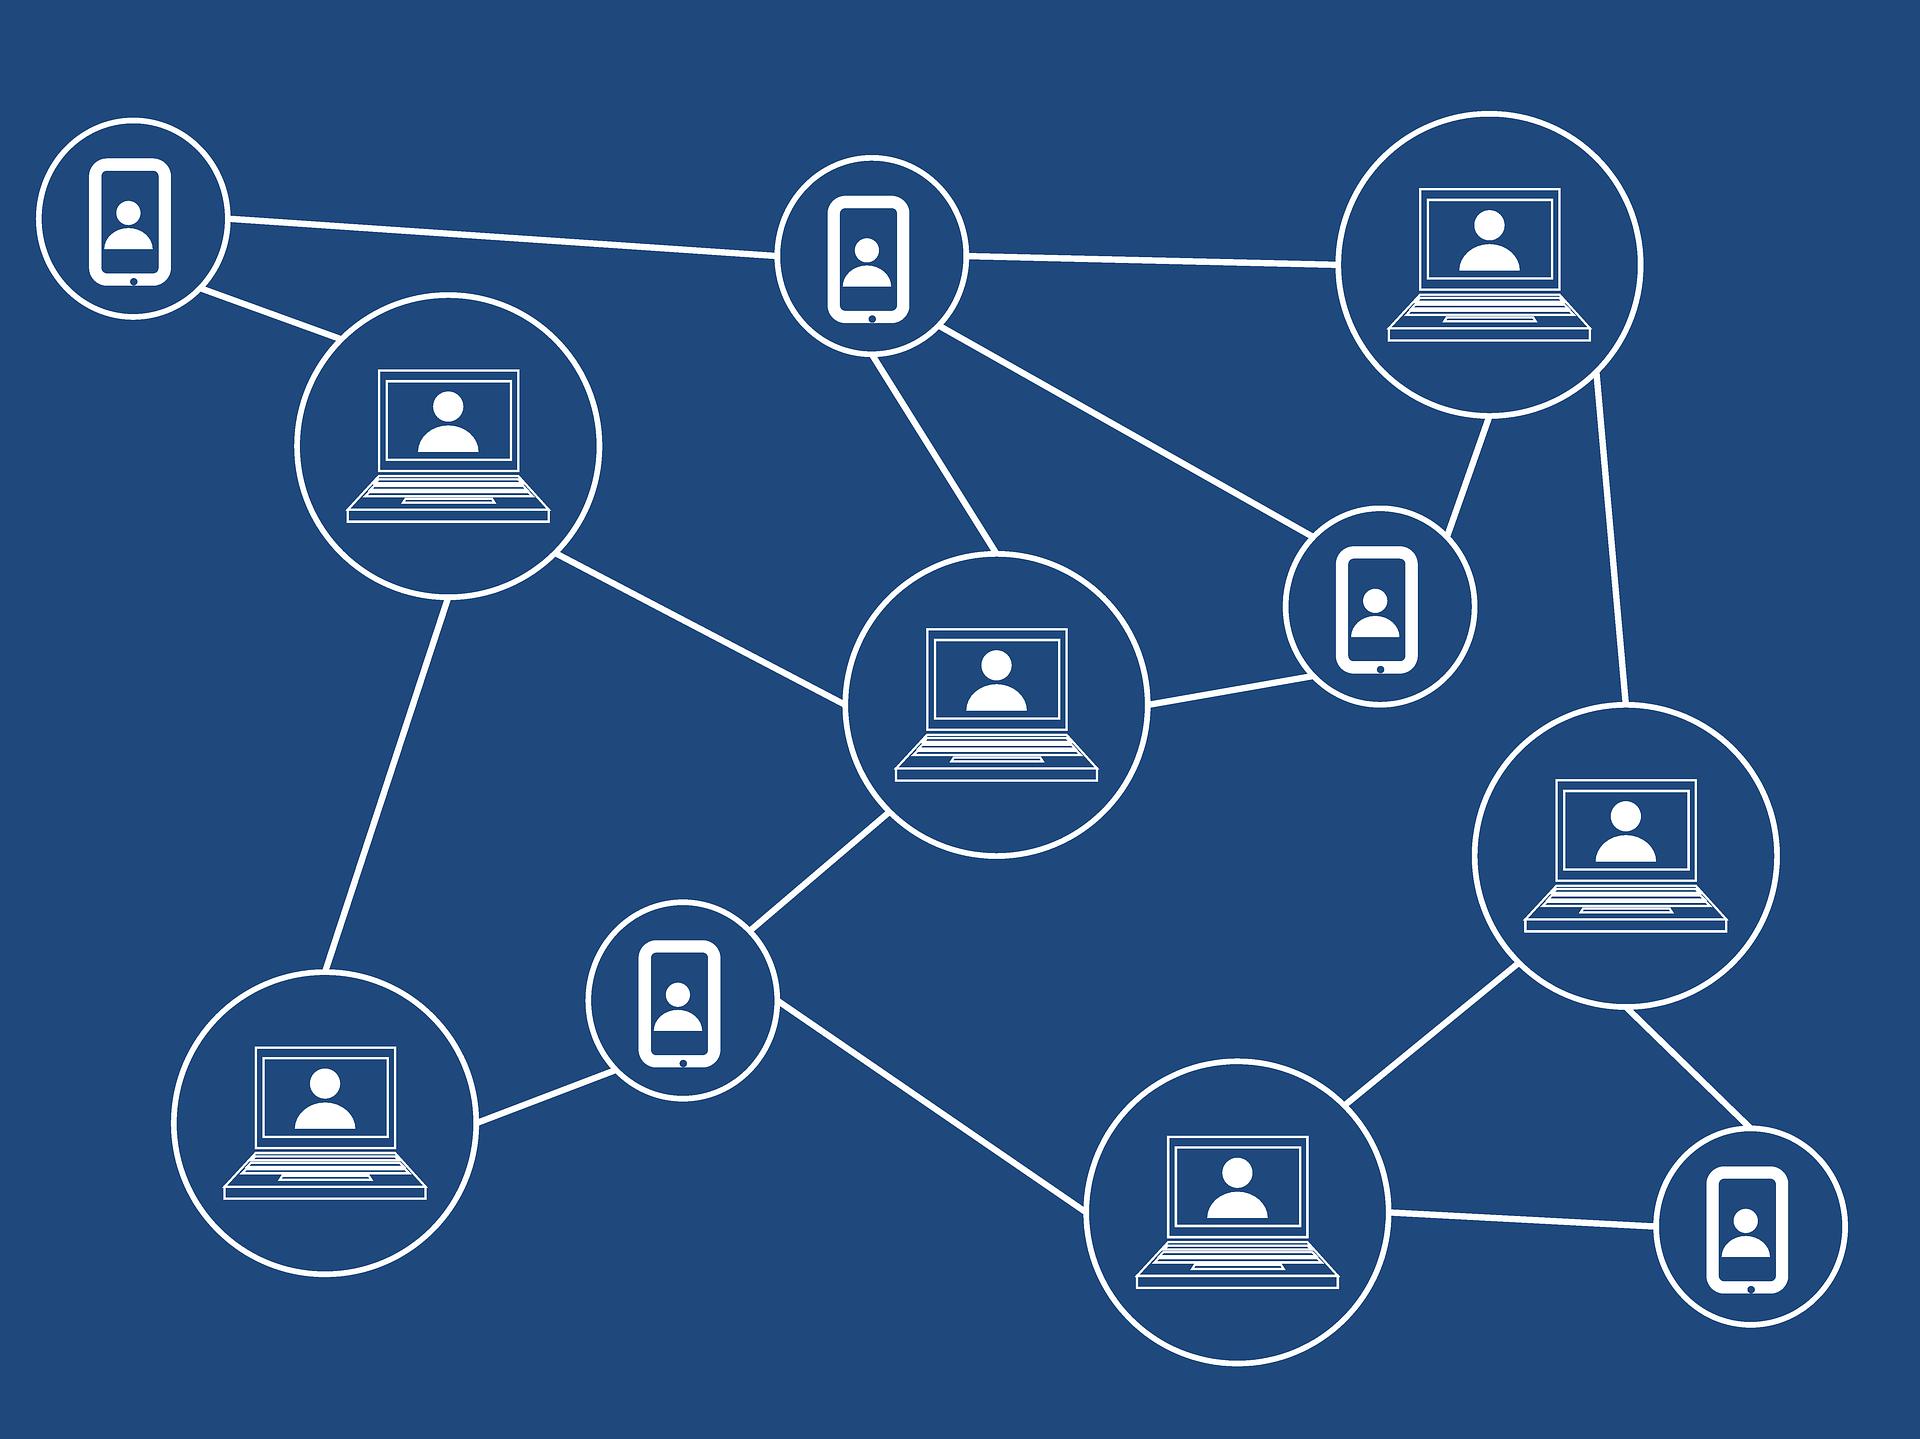 暗号資産などでおなじみのブロックチェーンとは?今更聞けない基礎知識を紹介します